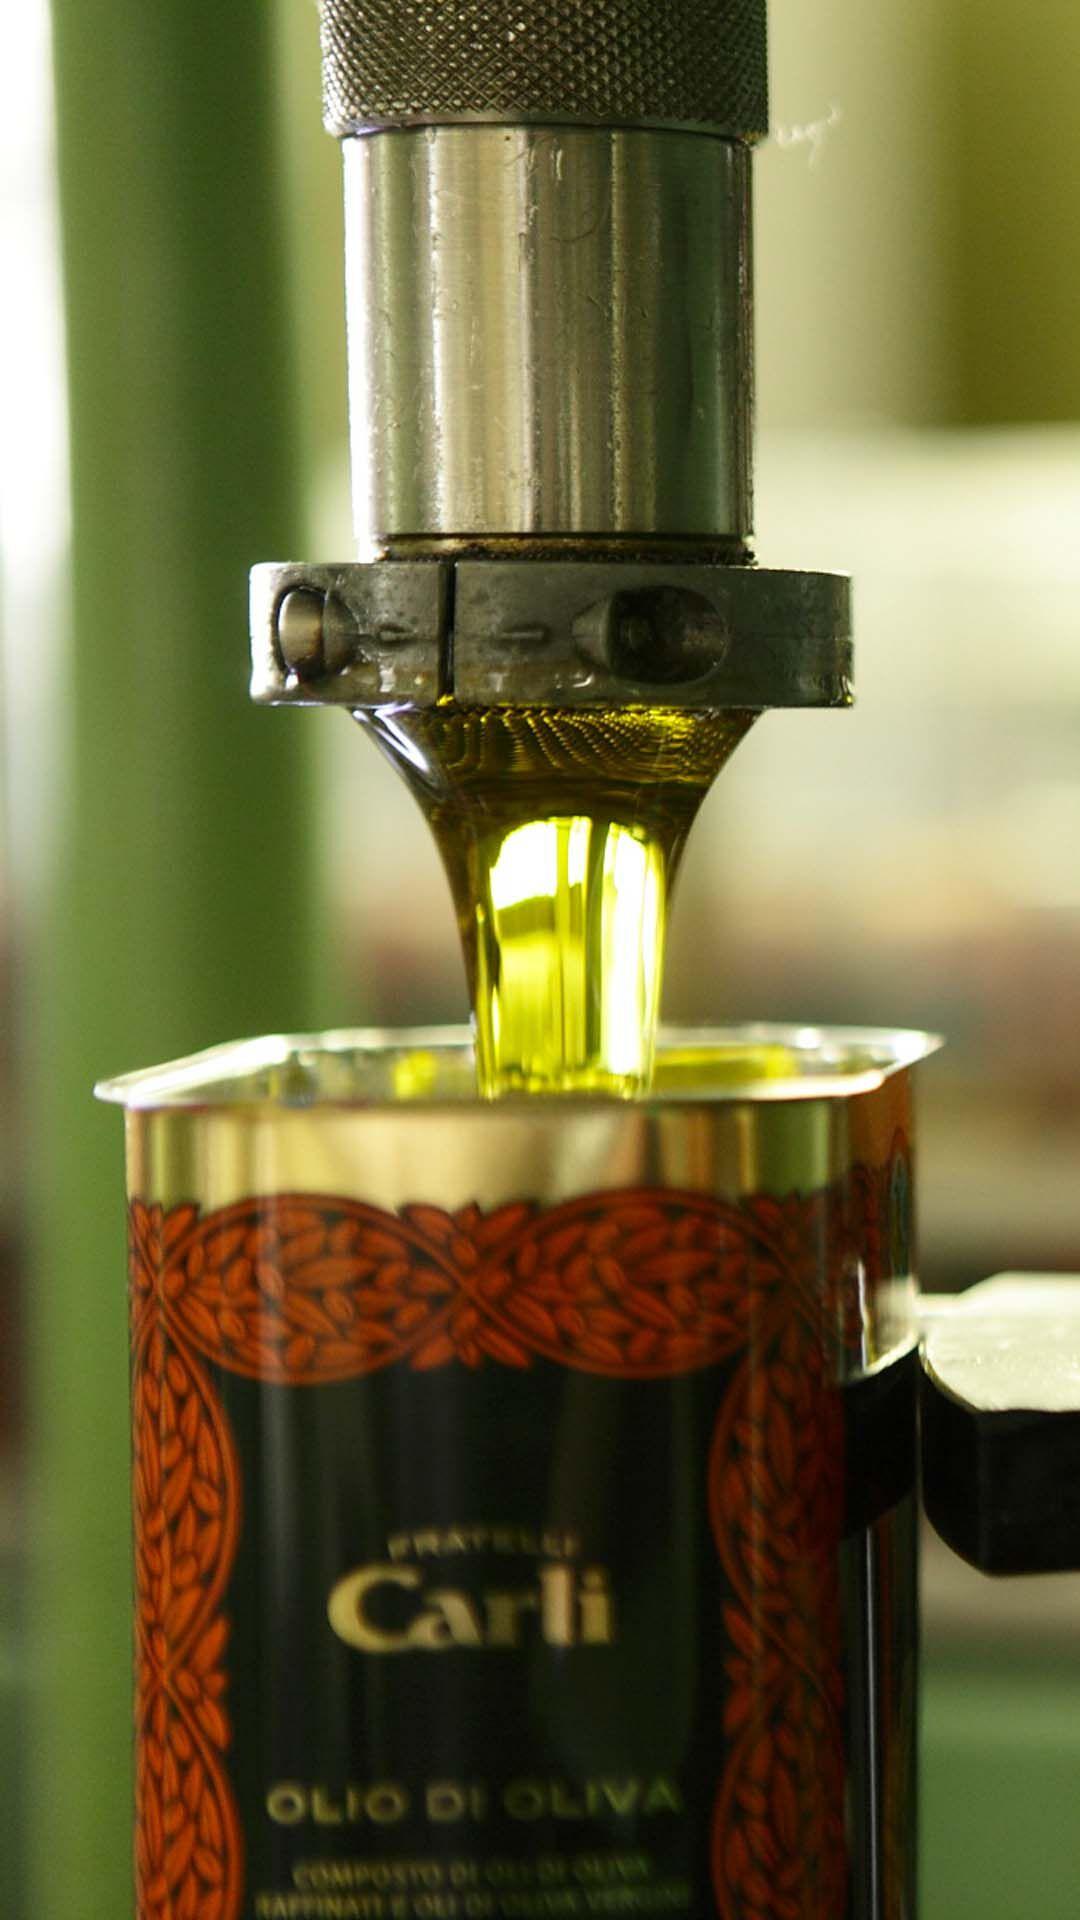 GFX - 6 Fl.Öl Ex.Del.+6 Fl.Öl L 0,75